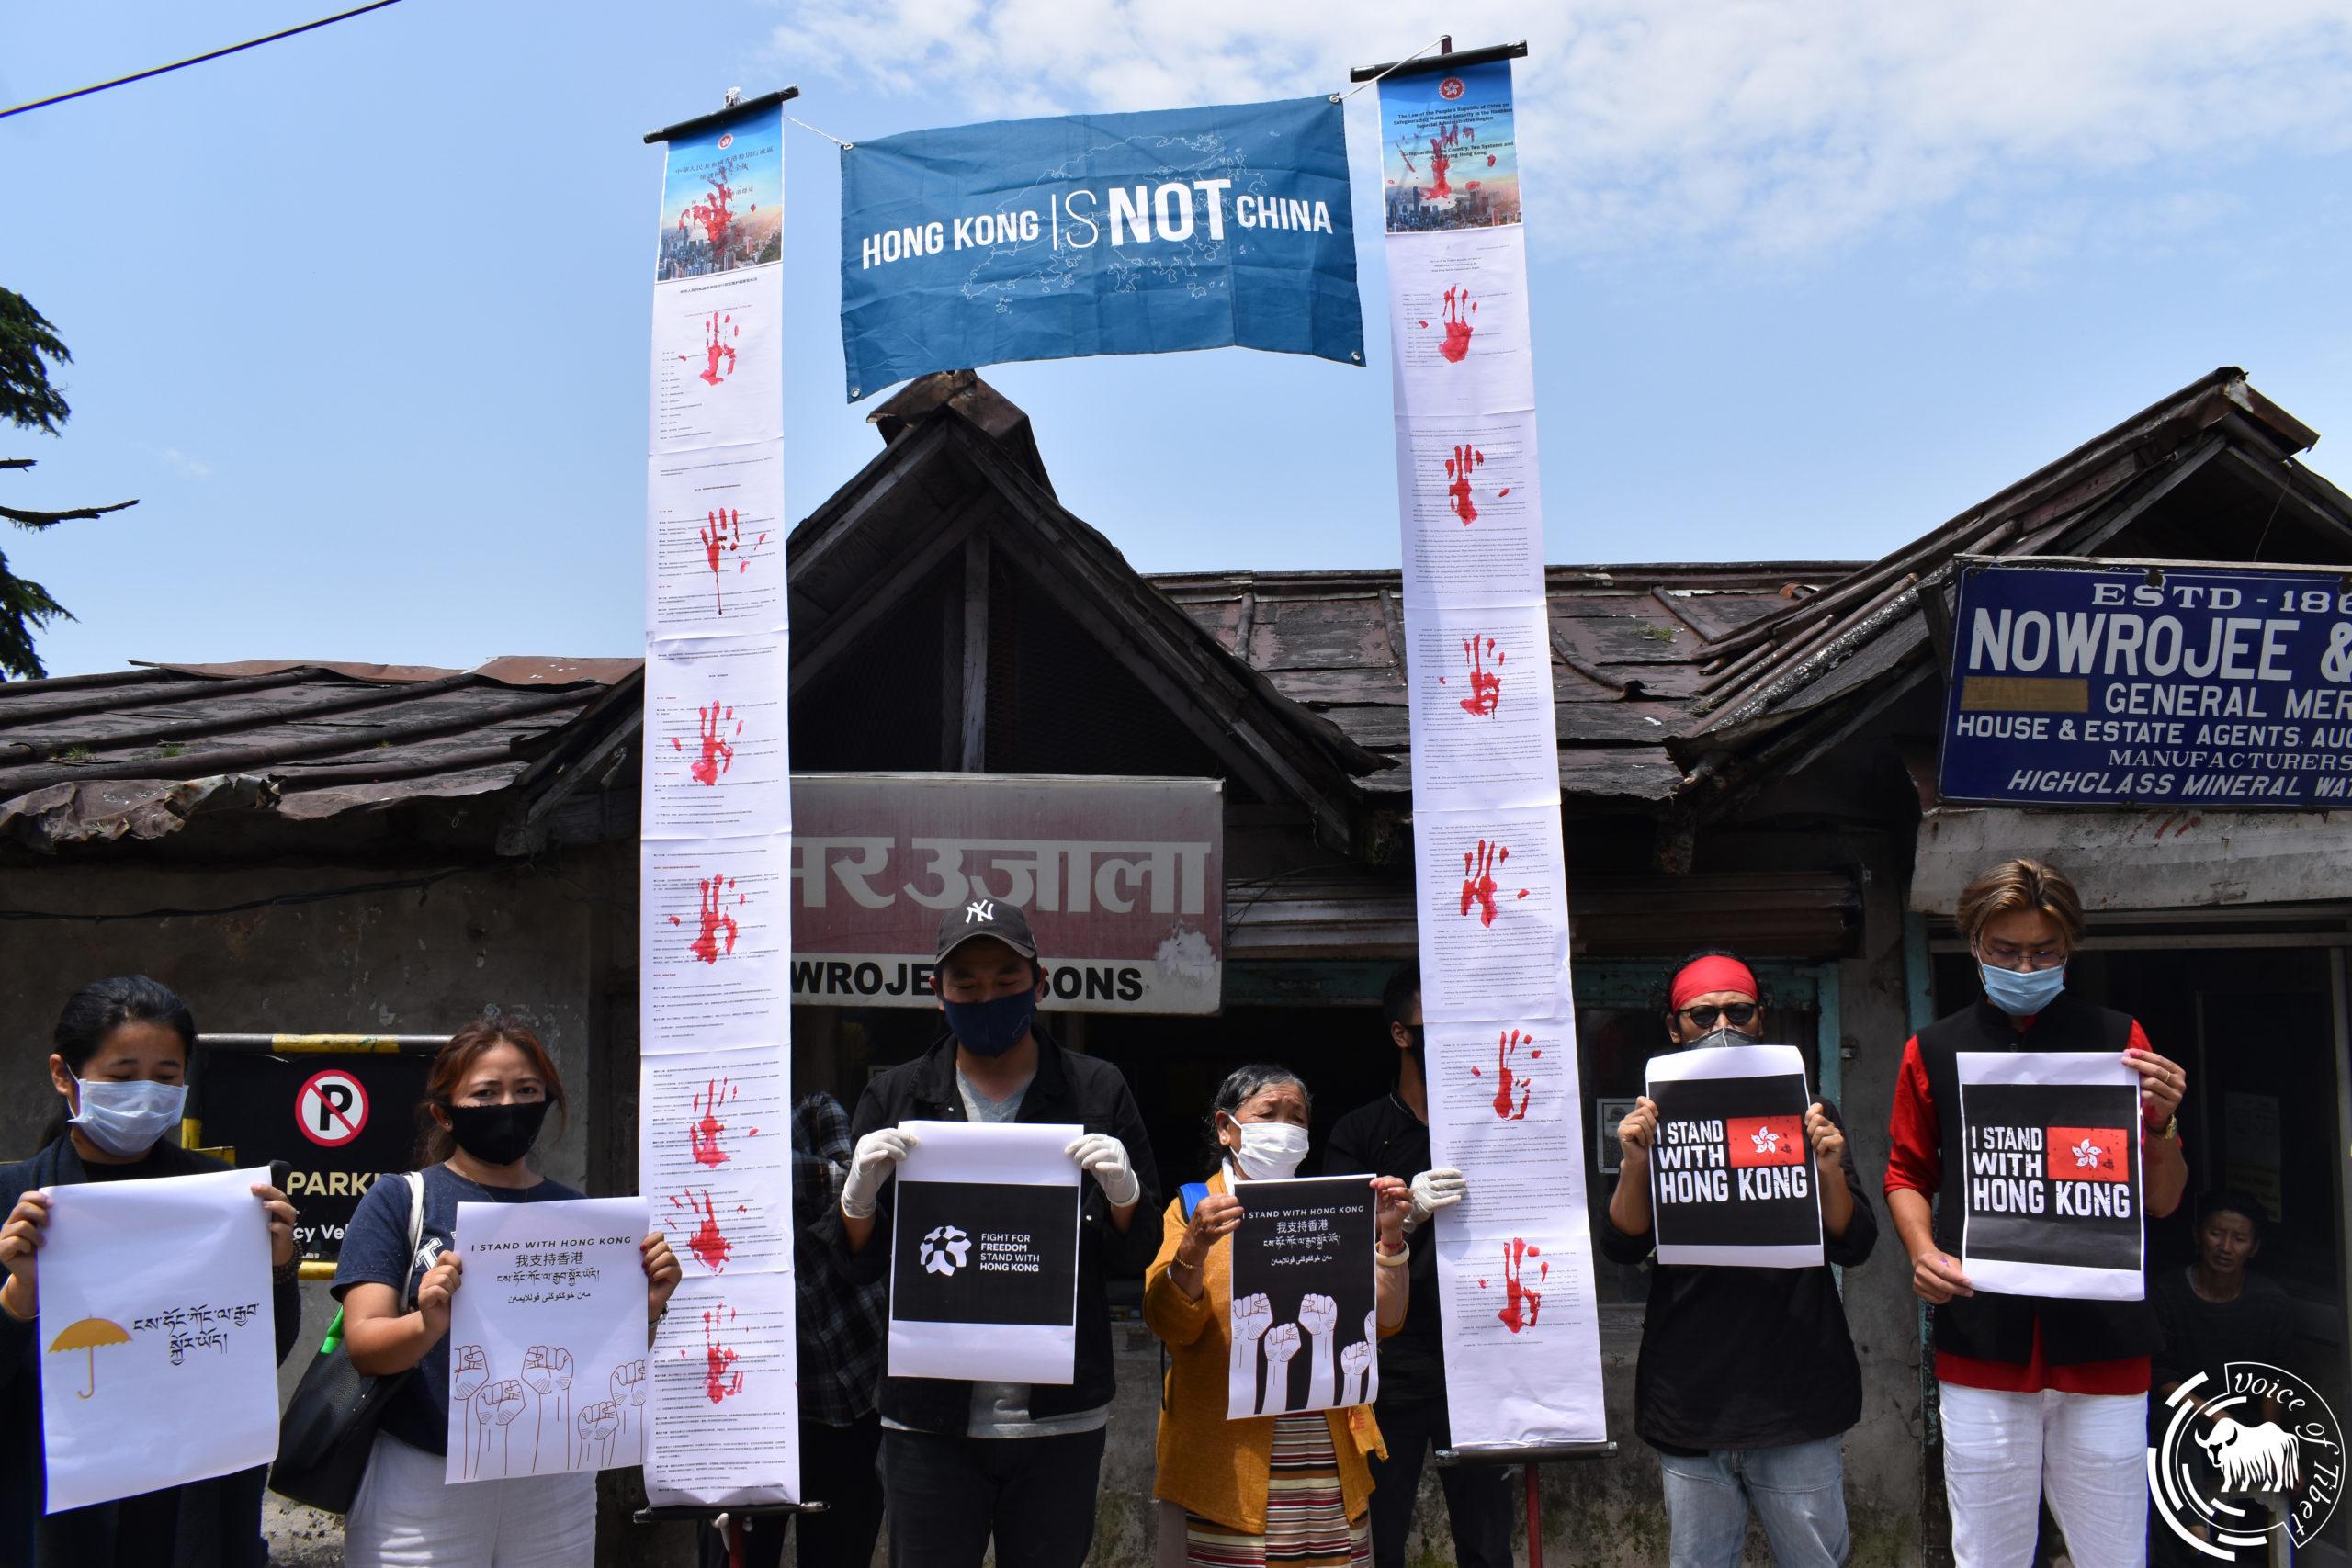 西藏团体声援香港:中共无法镇压人民对民主与自由的渴望